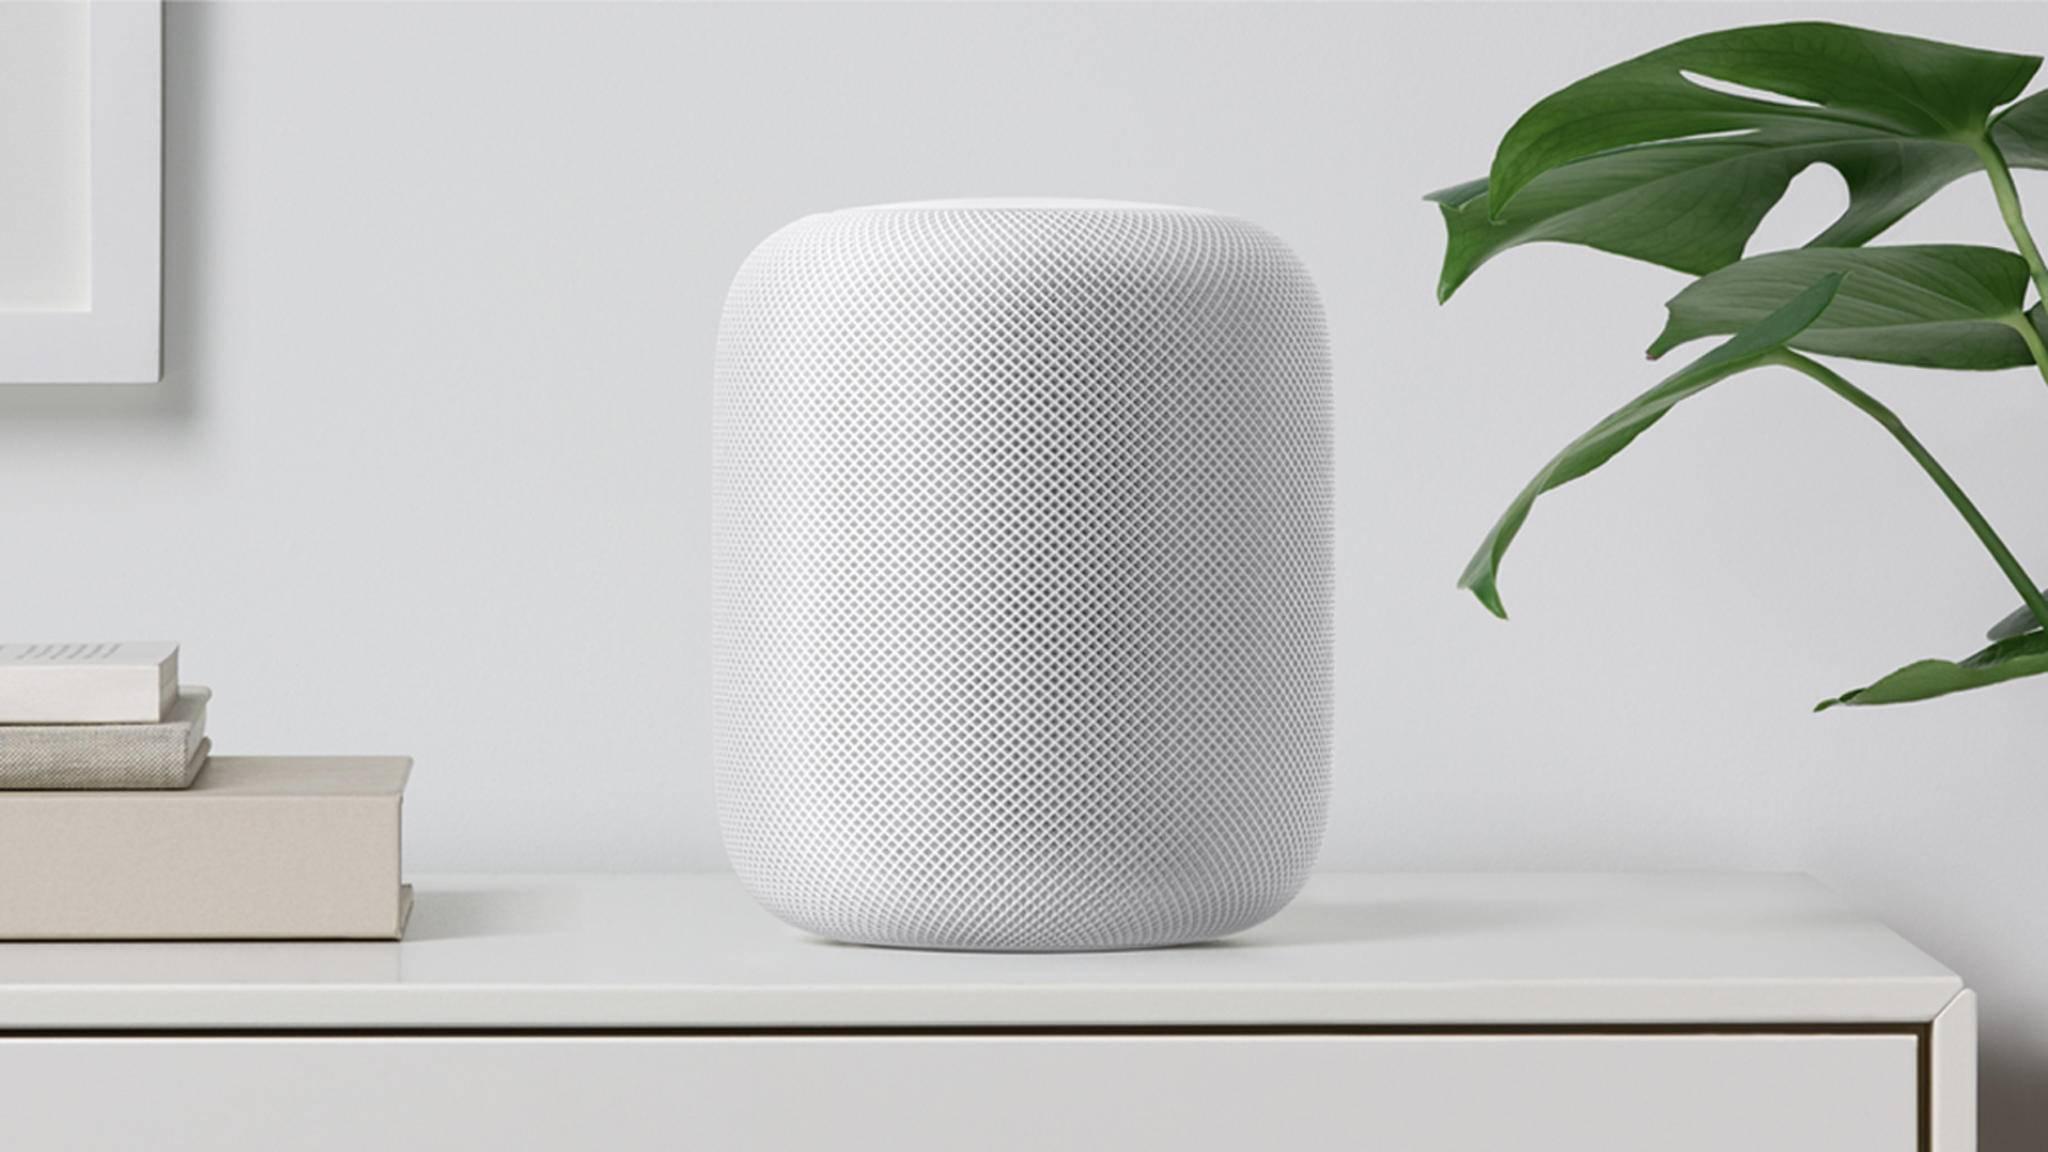 Der Apple HomePod soll im Frühjahr auf den Markt kommen.